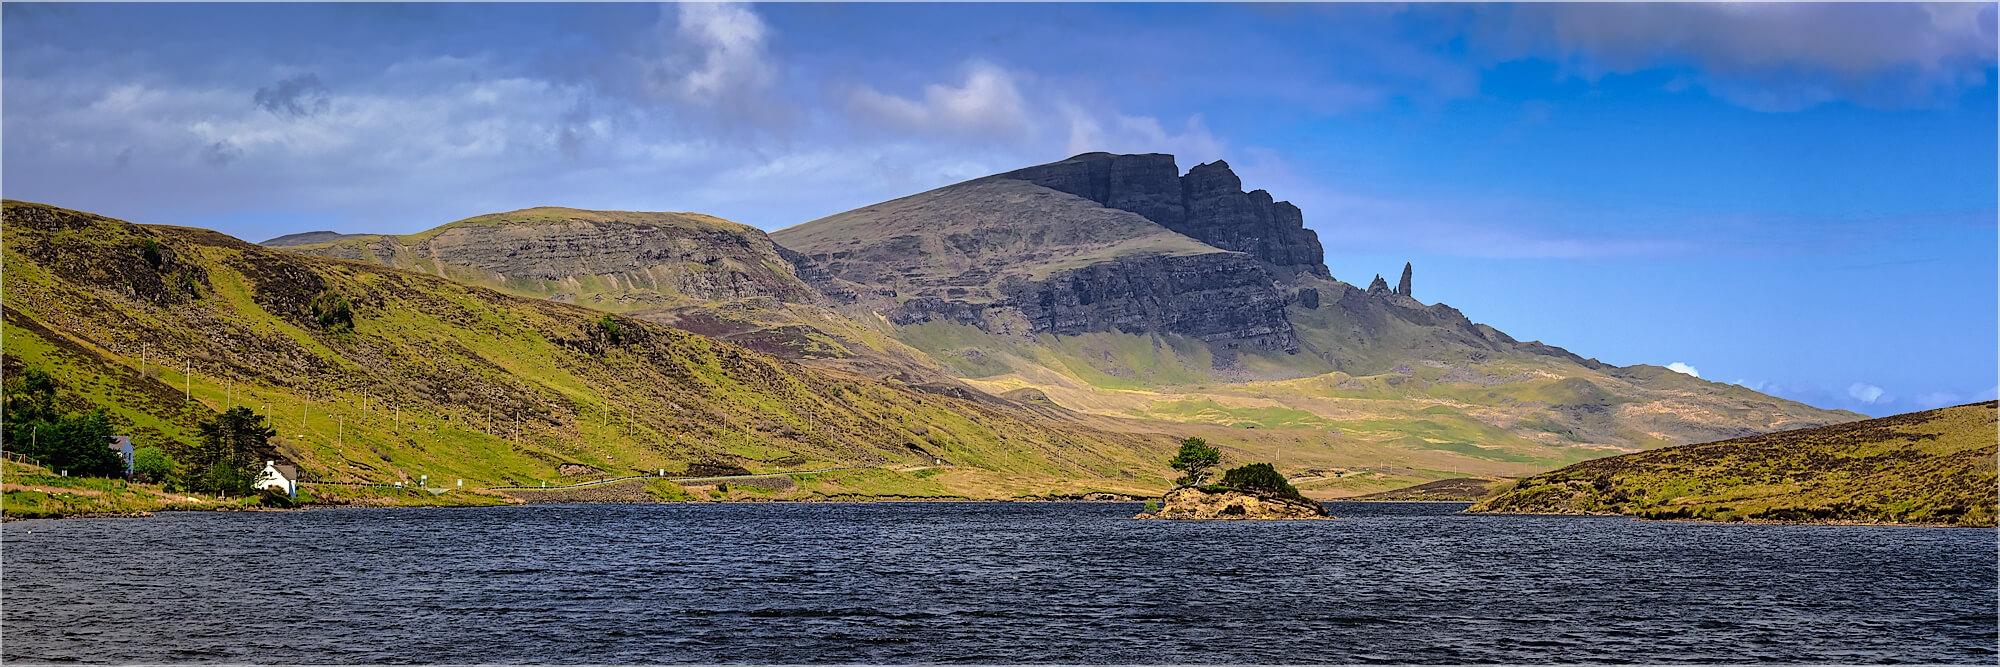 Panoramabild Loch Fado Isle of Skye Schottland